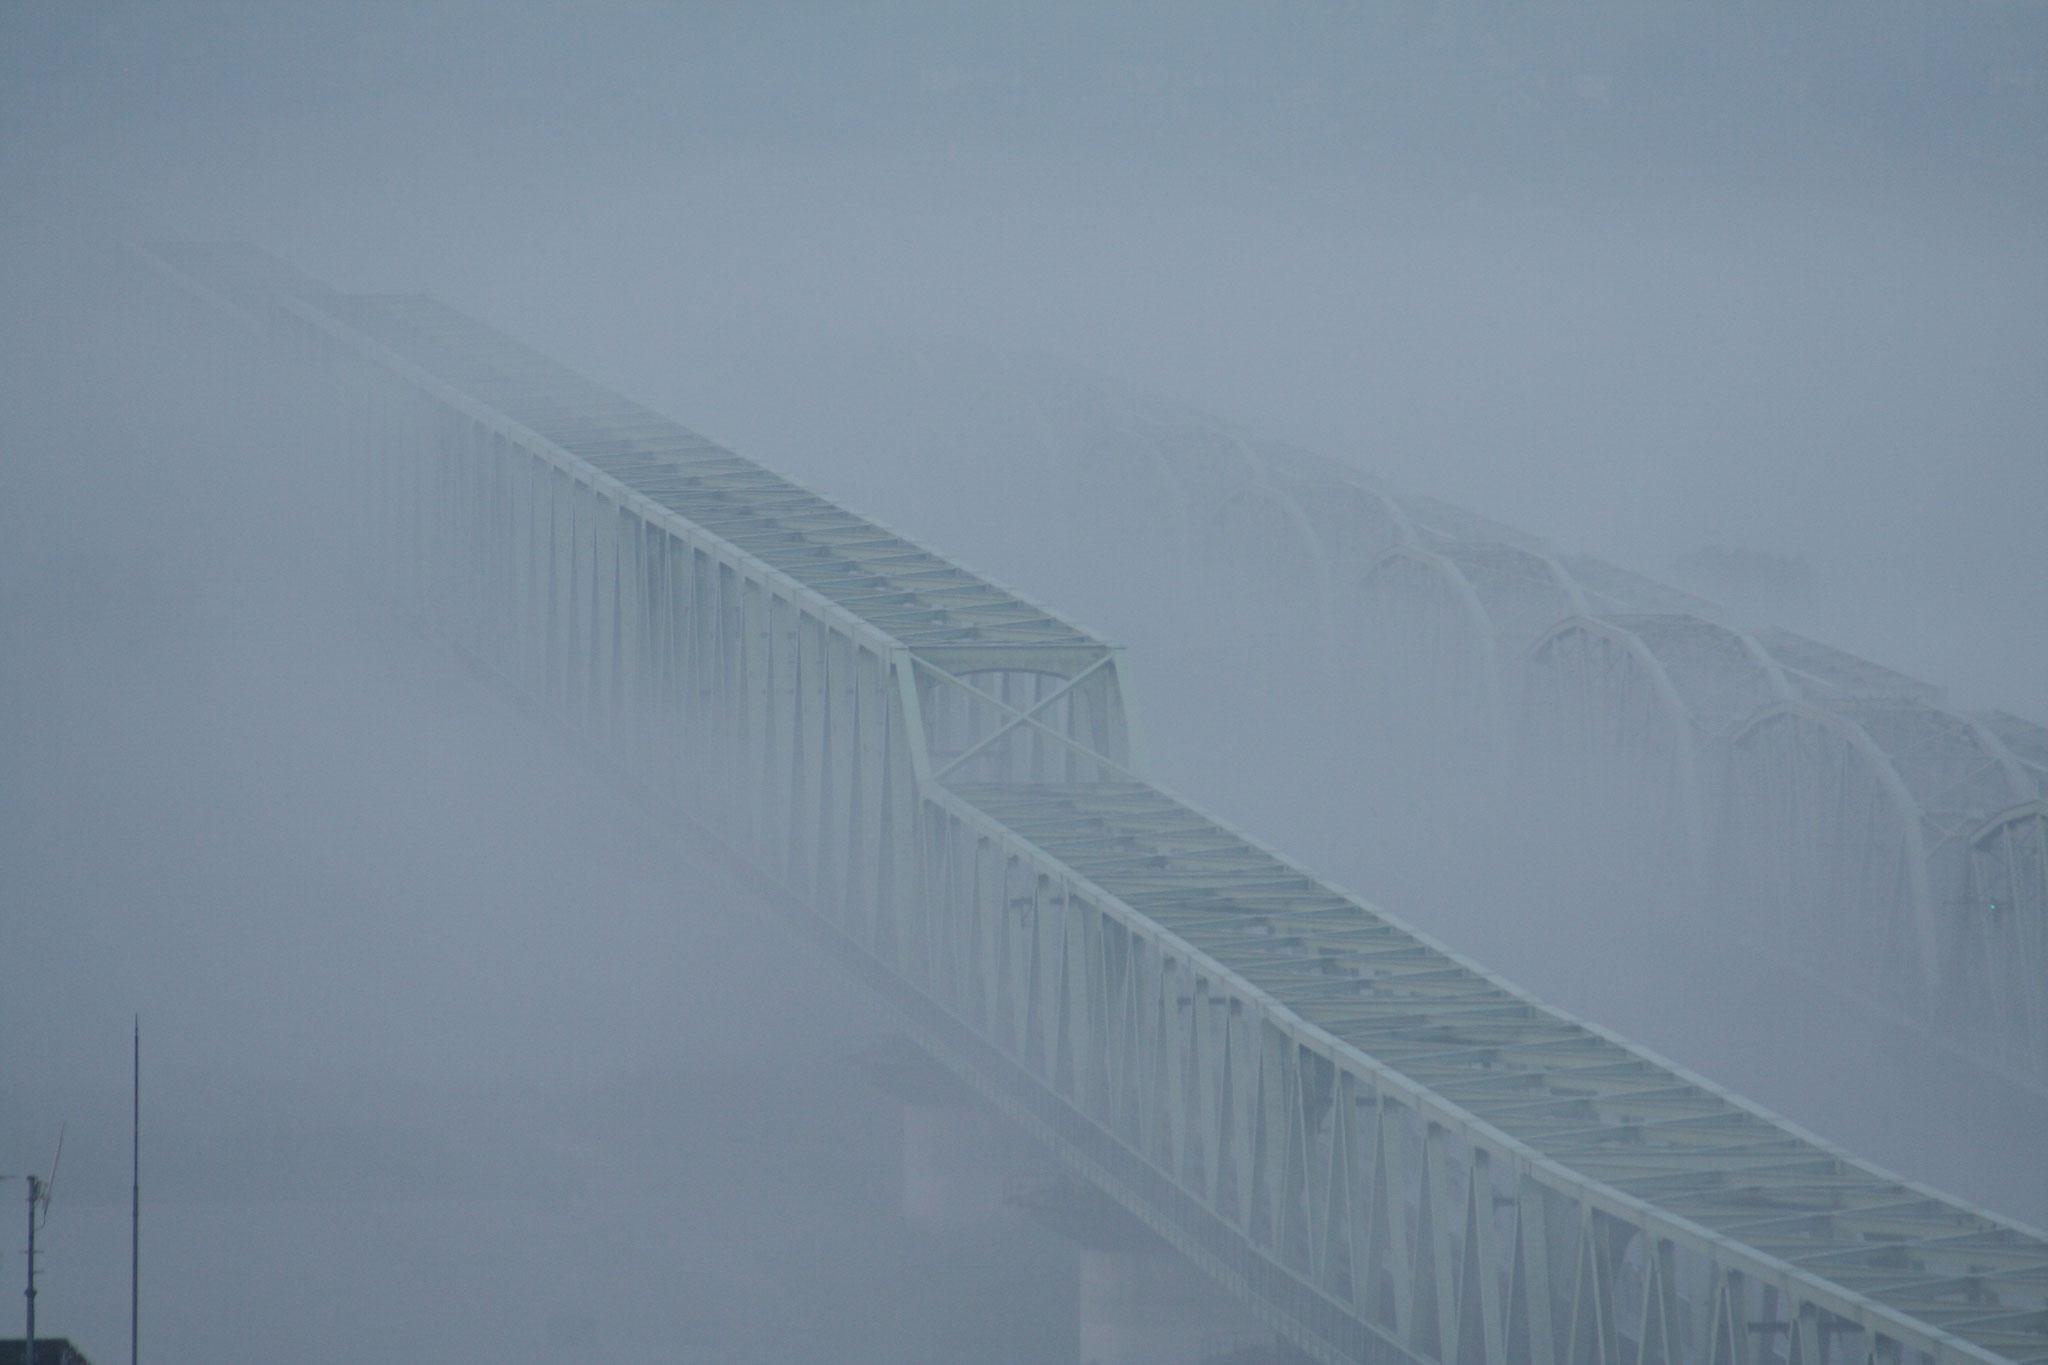 常磐線 霧の利根川鉄橋